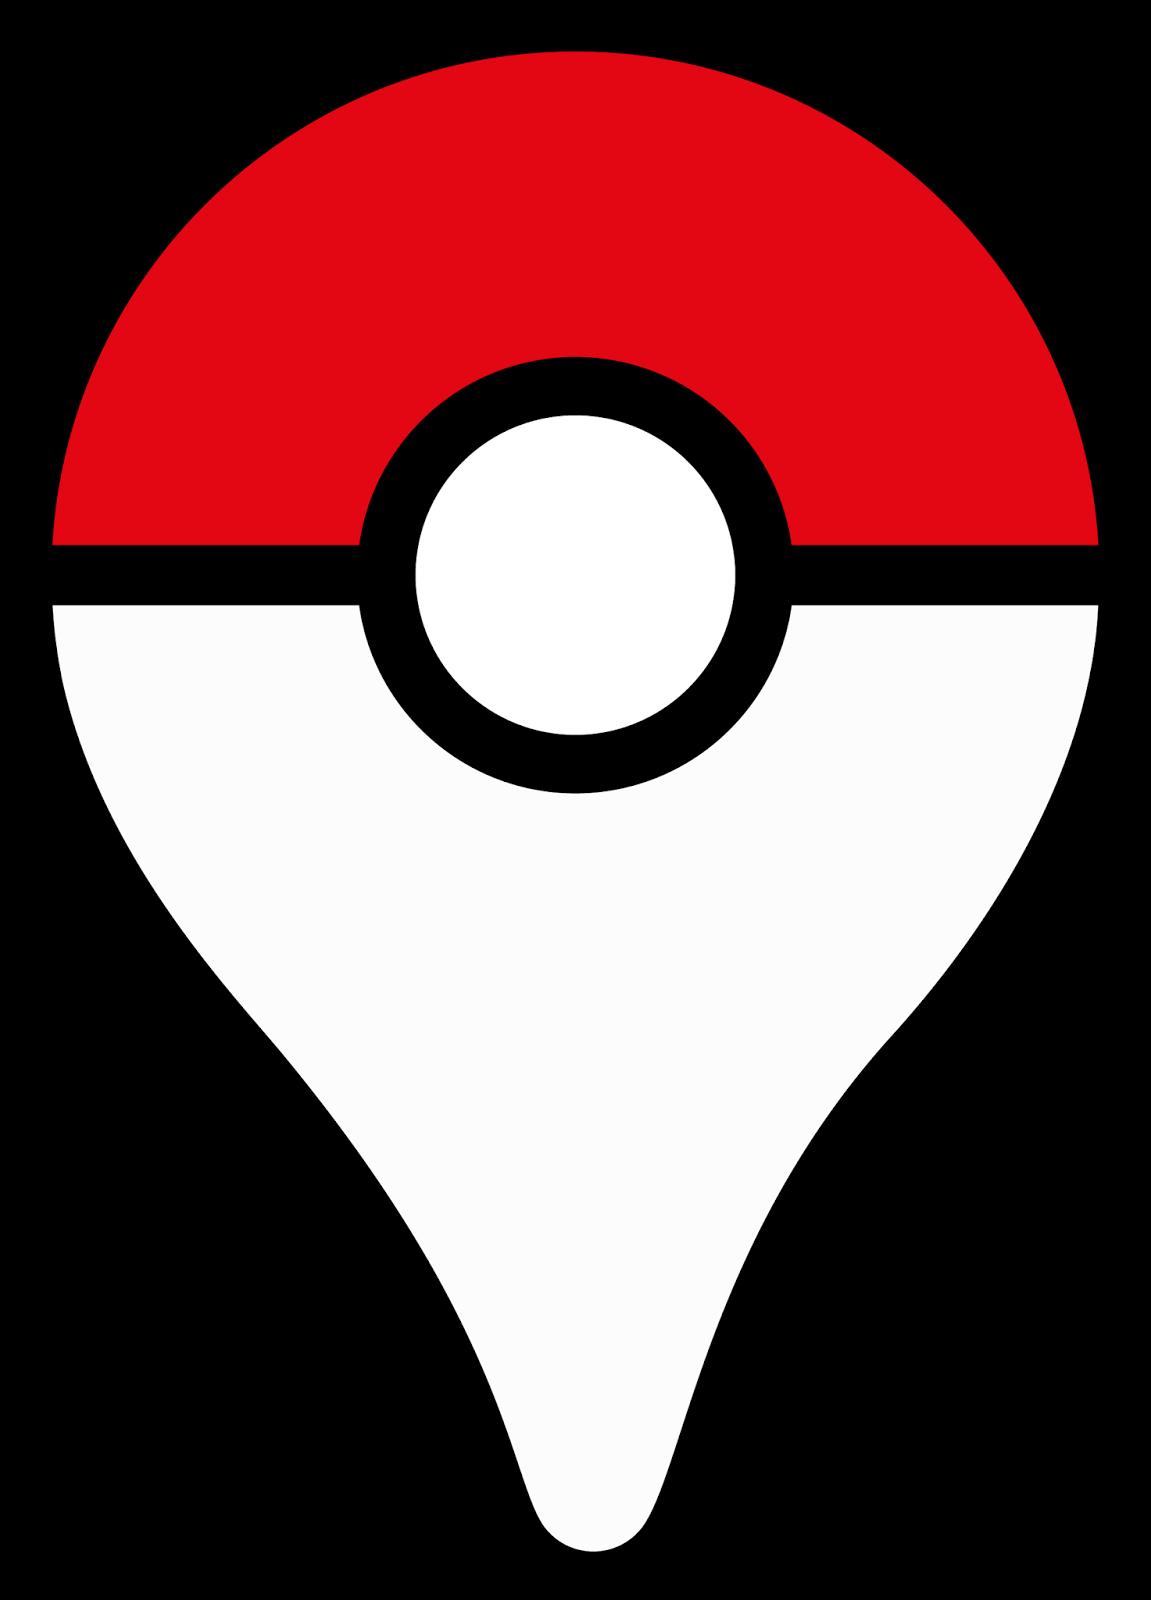 vetor logo pokemon go illustrator png logo #3162